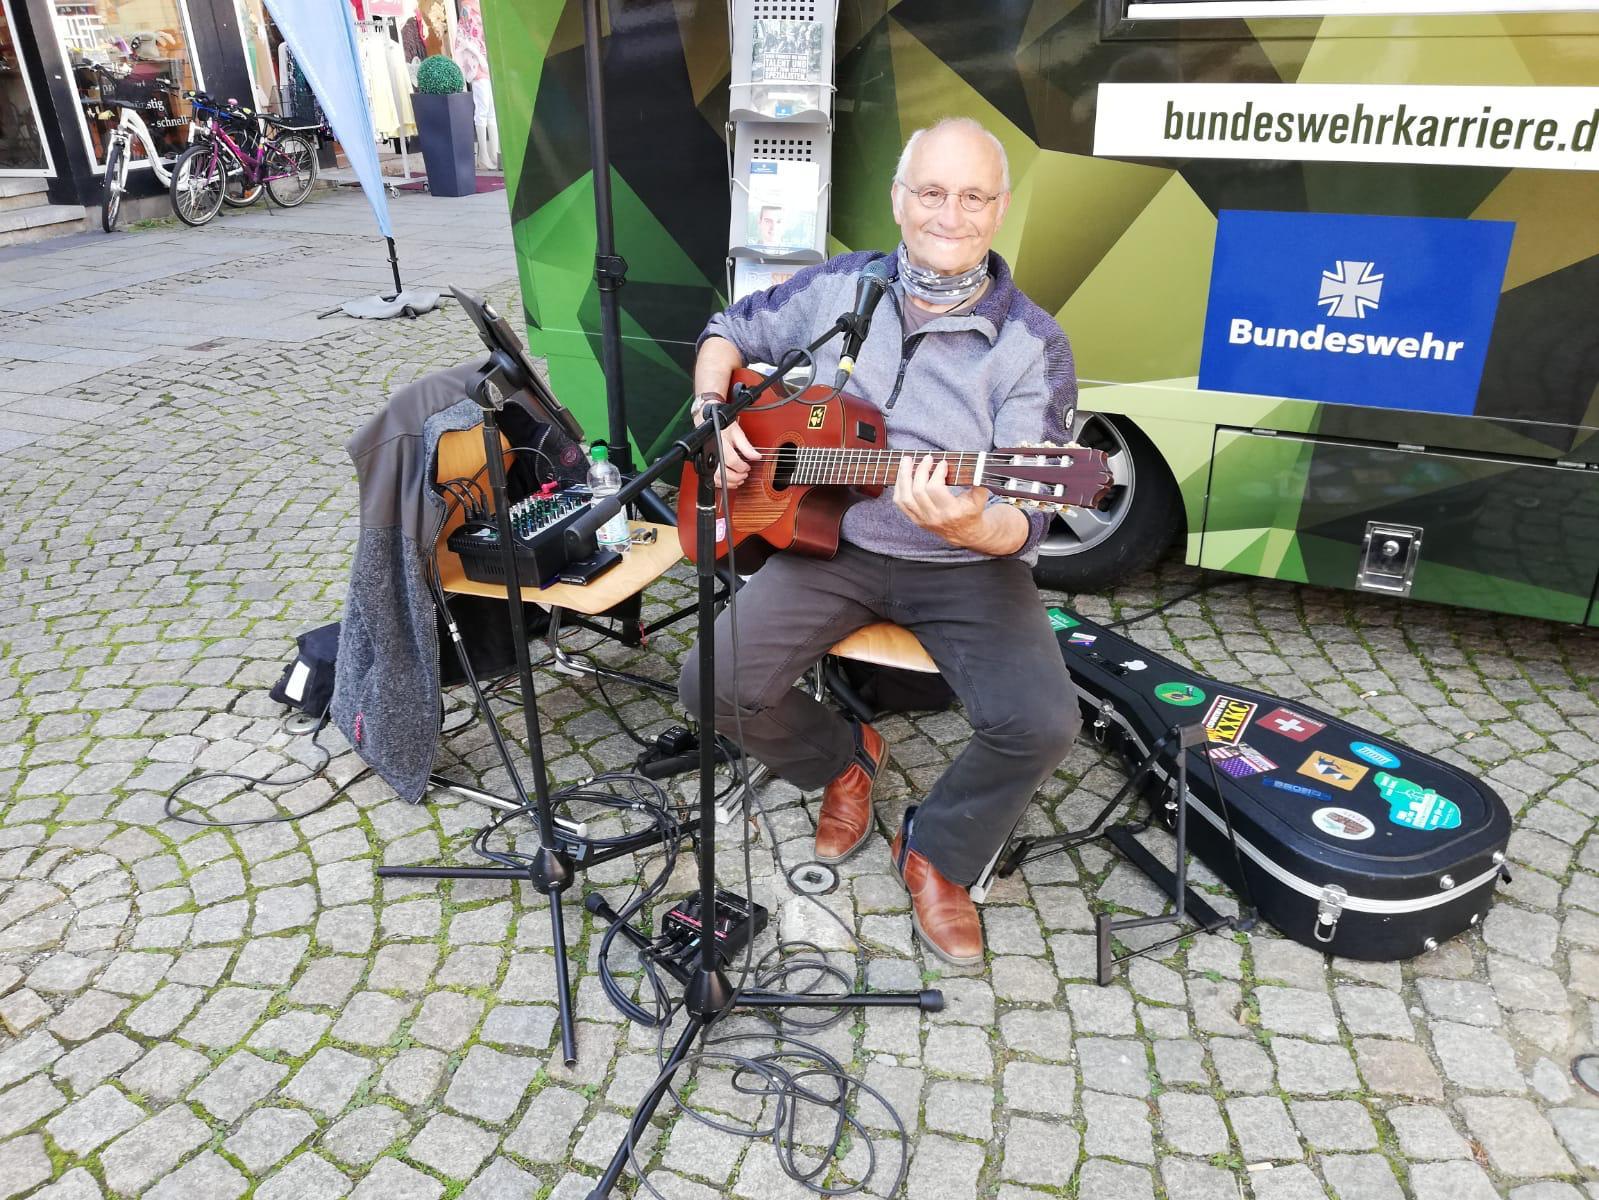 Sänger und Songwriter Harald Duprée